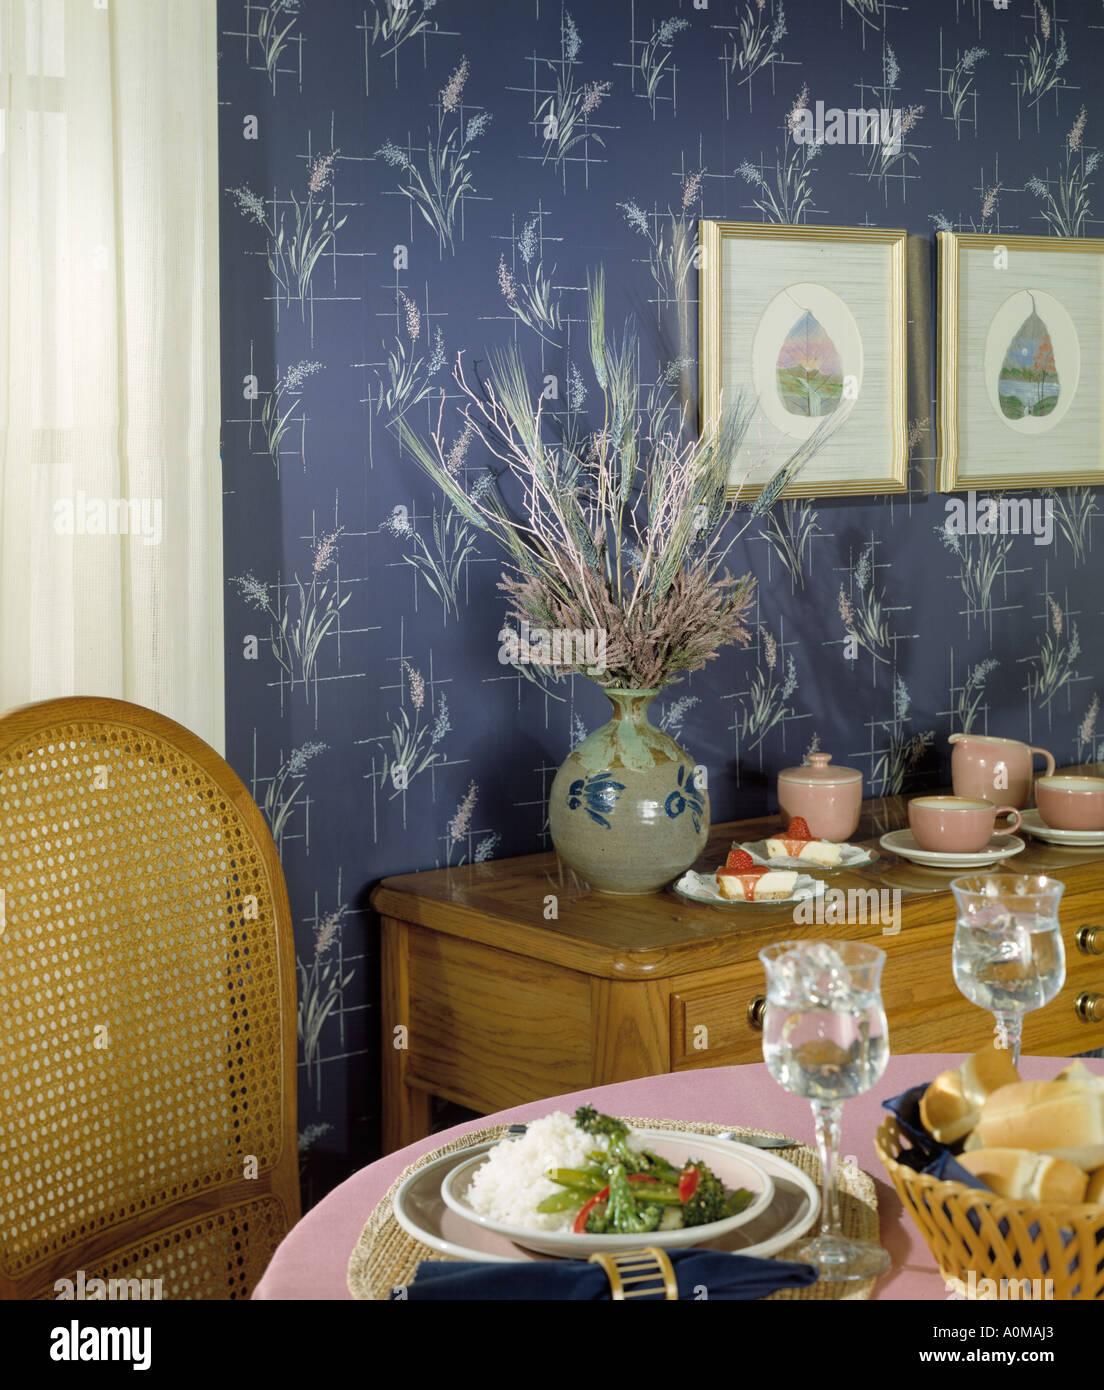 Großartig Küchenecke Ecke Tisch Set Fotos - Küchenschrank Ideen ...